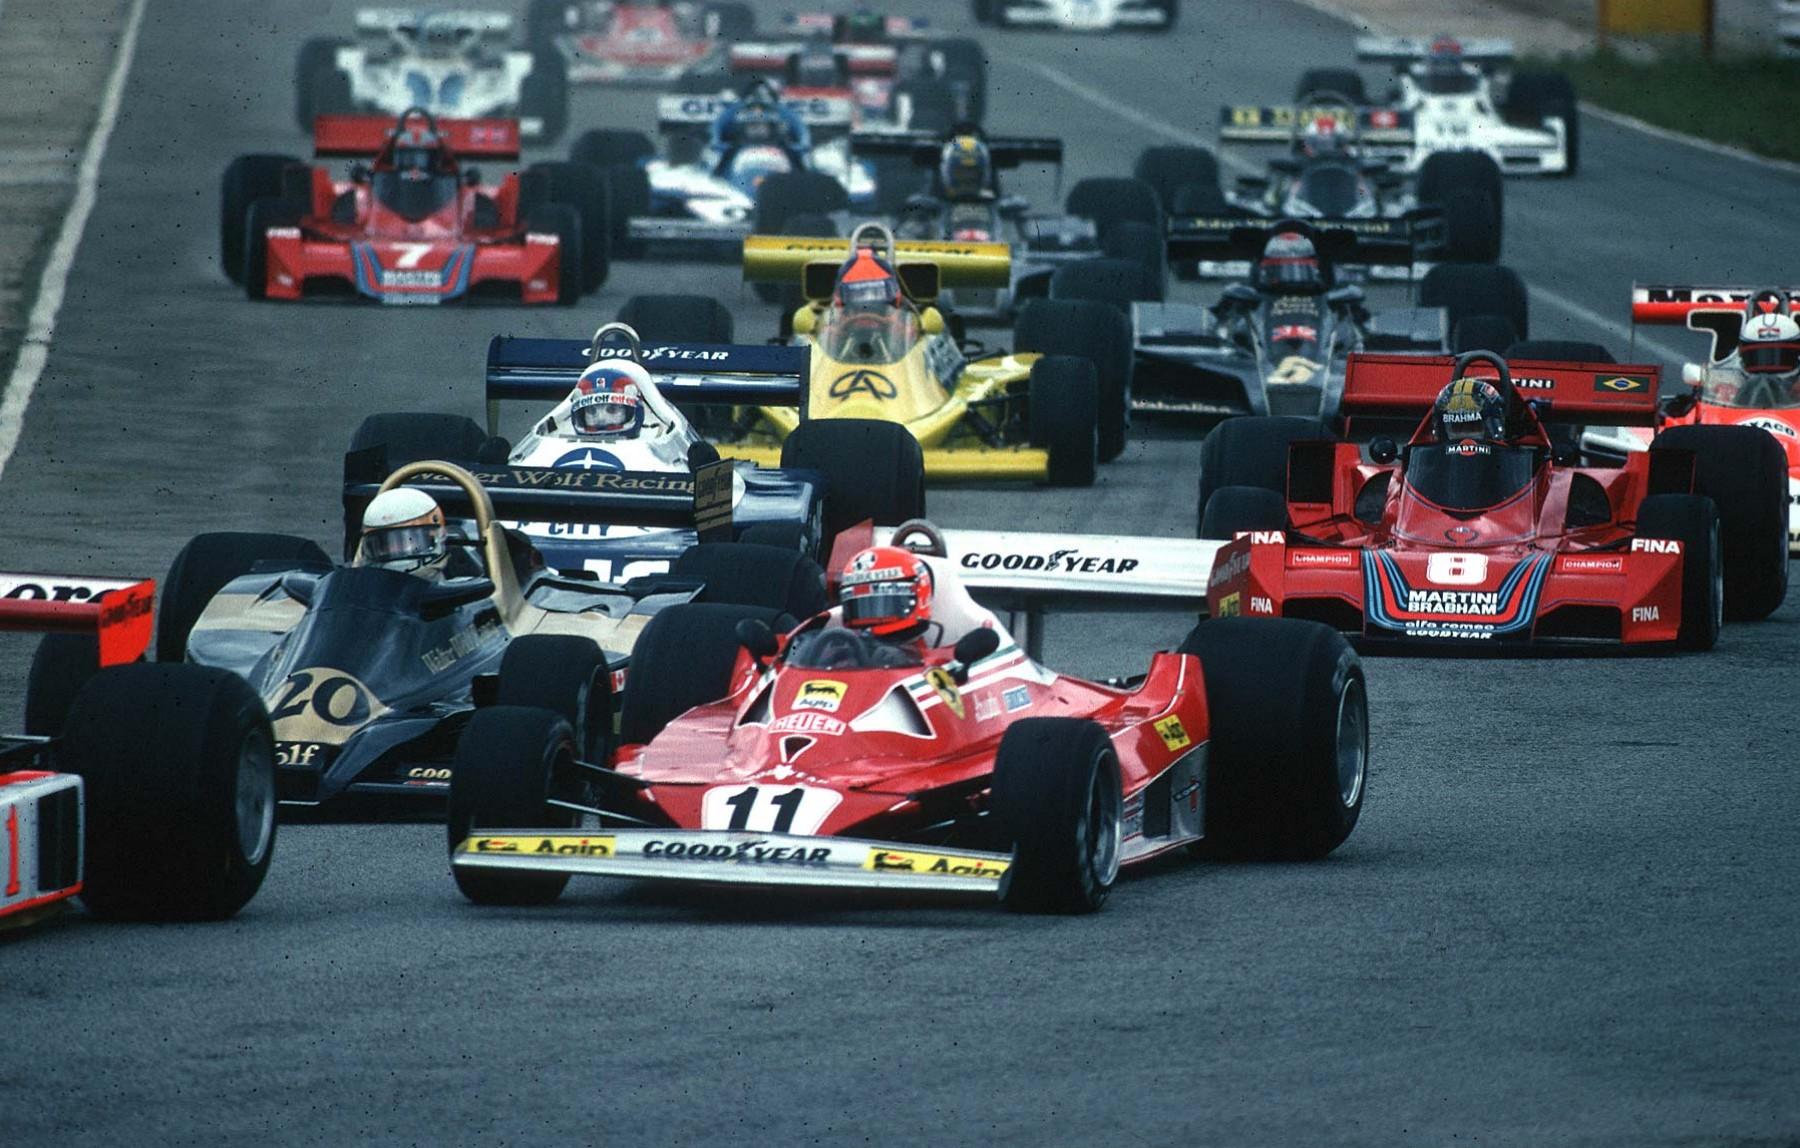 Fromula 1 Niki Lauda